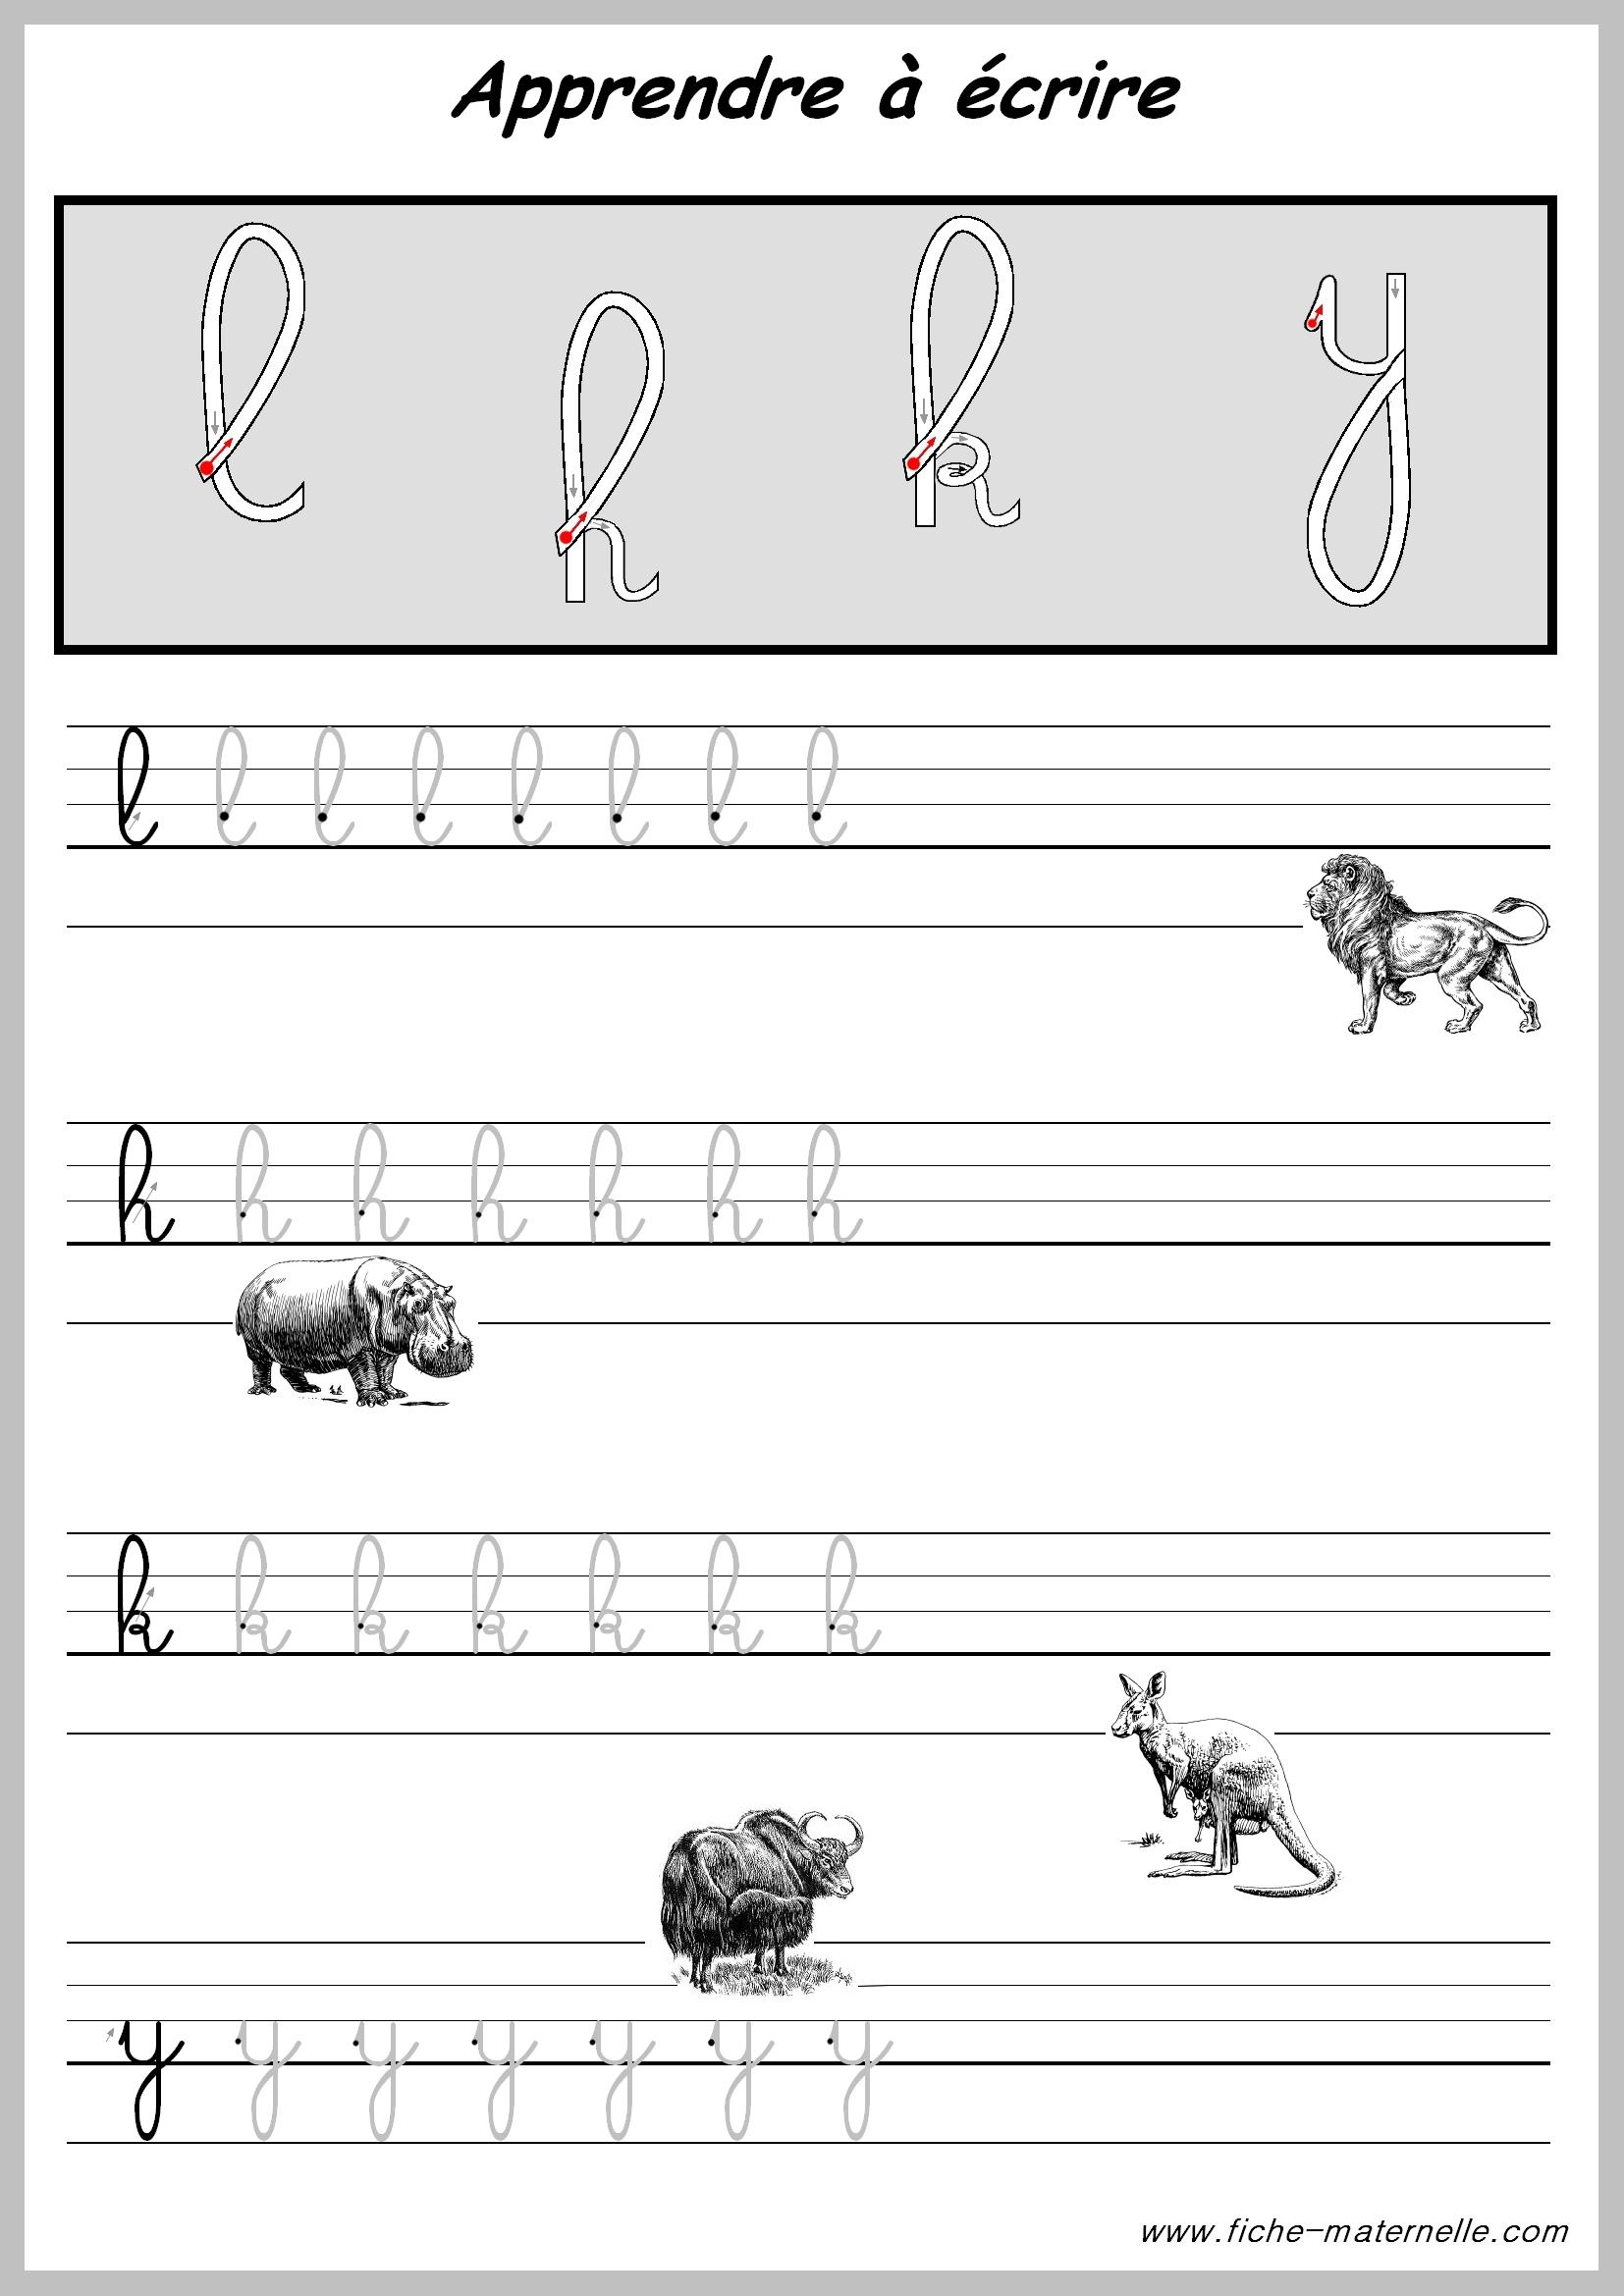 Exercices Pour Apprendre A Ecrire Les Lettres. tout Apprendre Les Lettres Maternelle